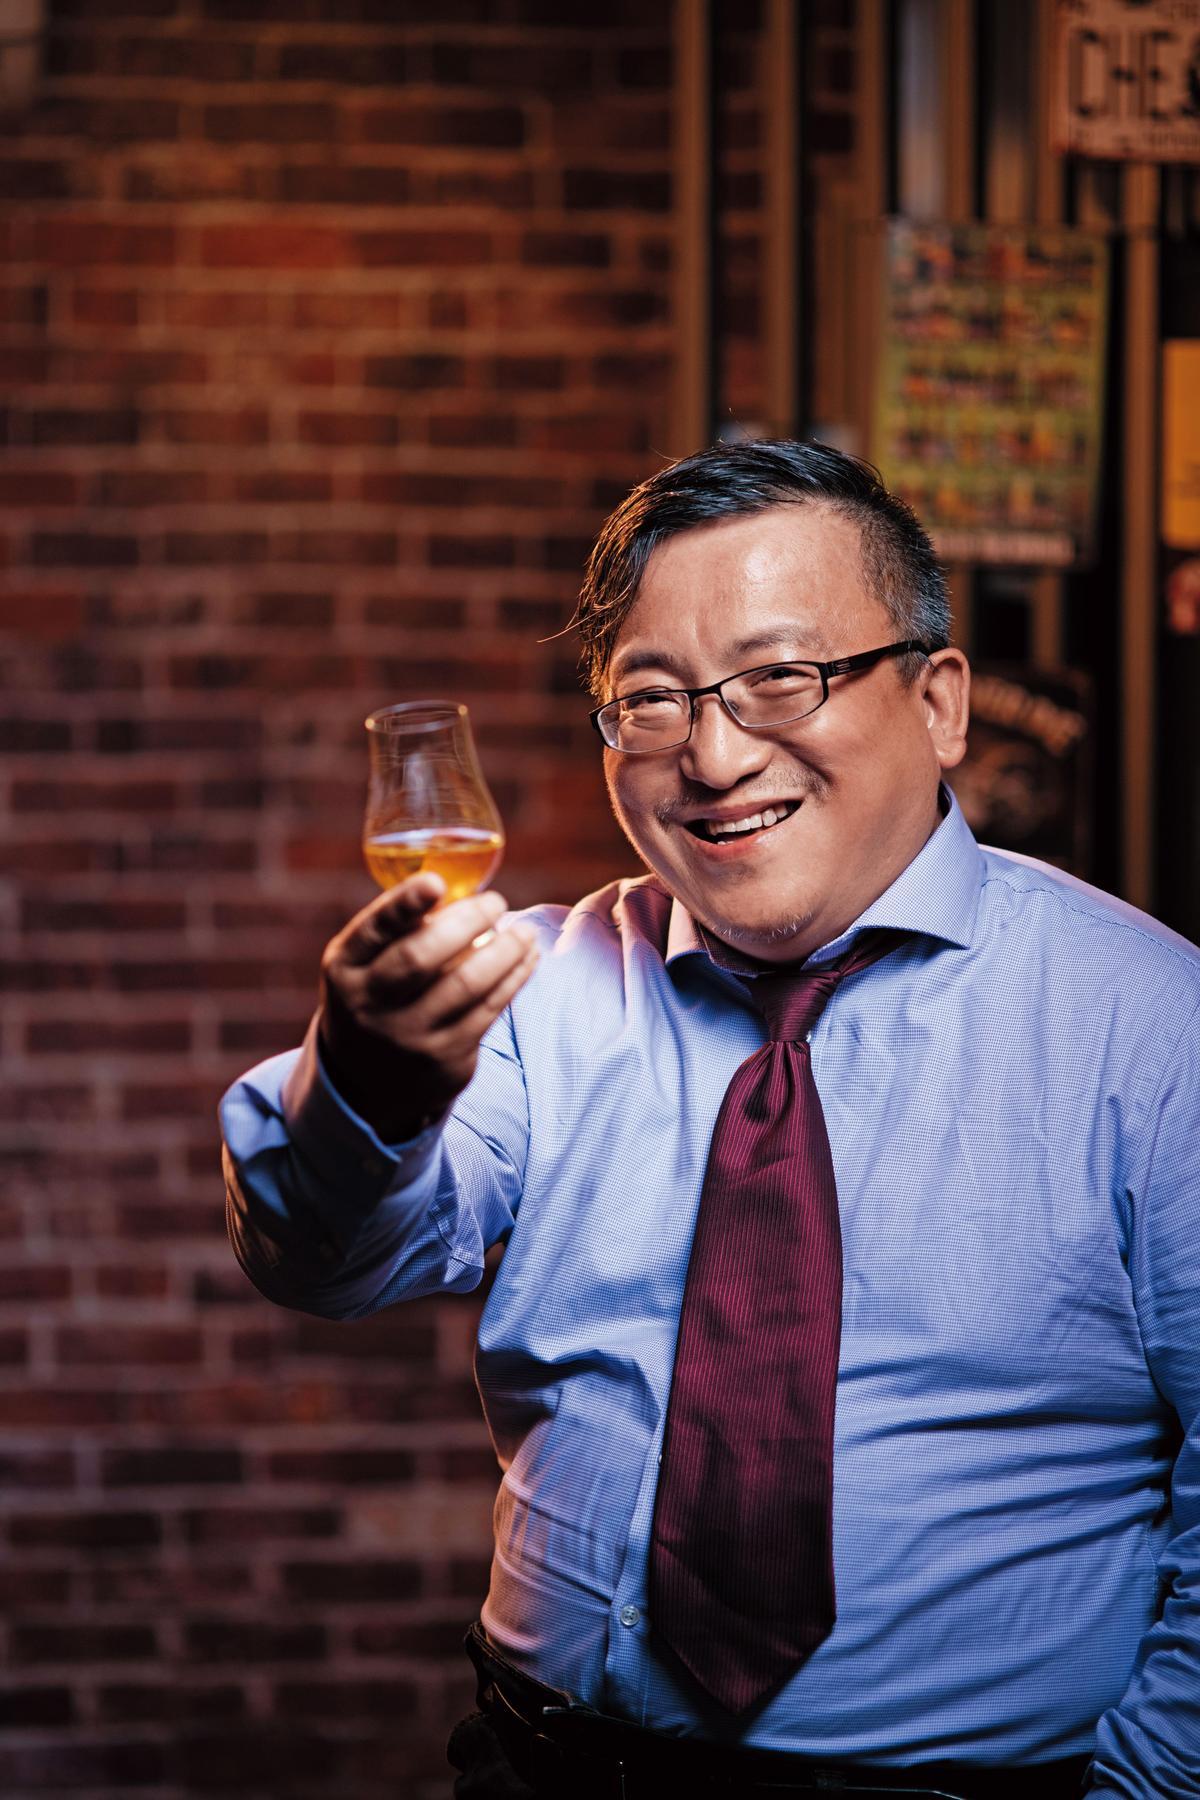 蘇重Heavy 藏酒論壇編輯總監、台北愛樂「布魯斯威力」客座主持人,威士忌品飲資歷15年。